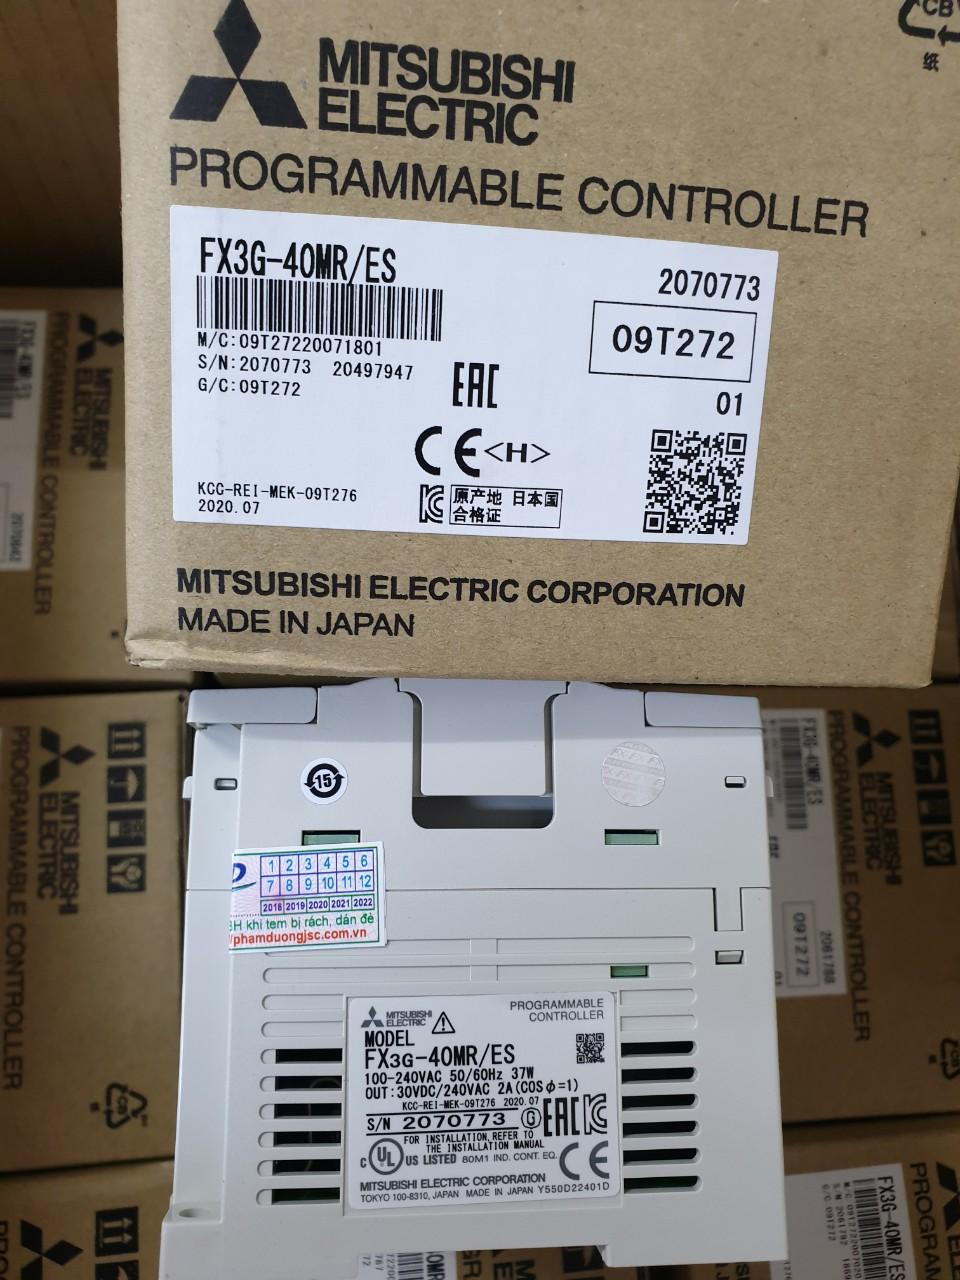 MITSUBISHI FX3G-40MR/ES